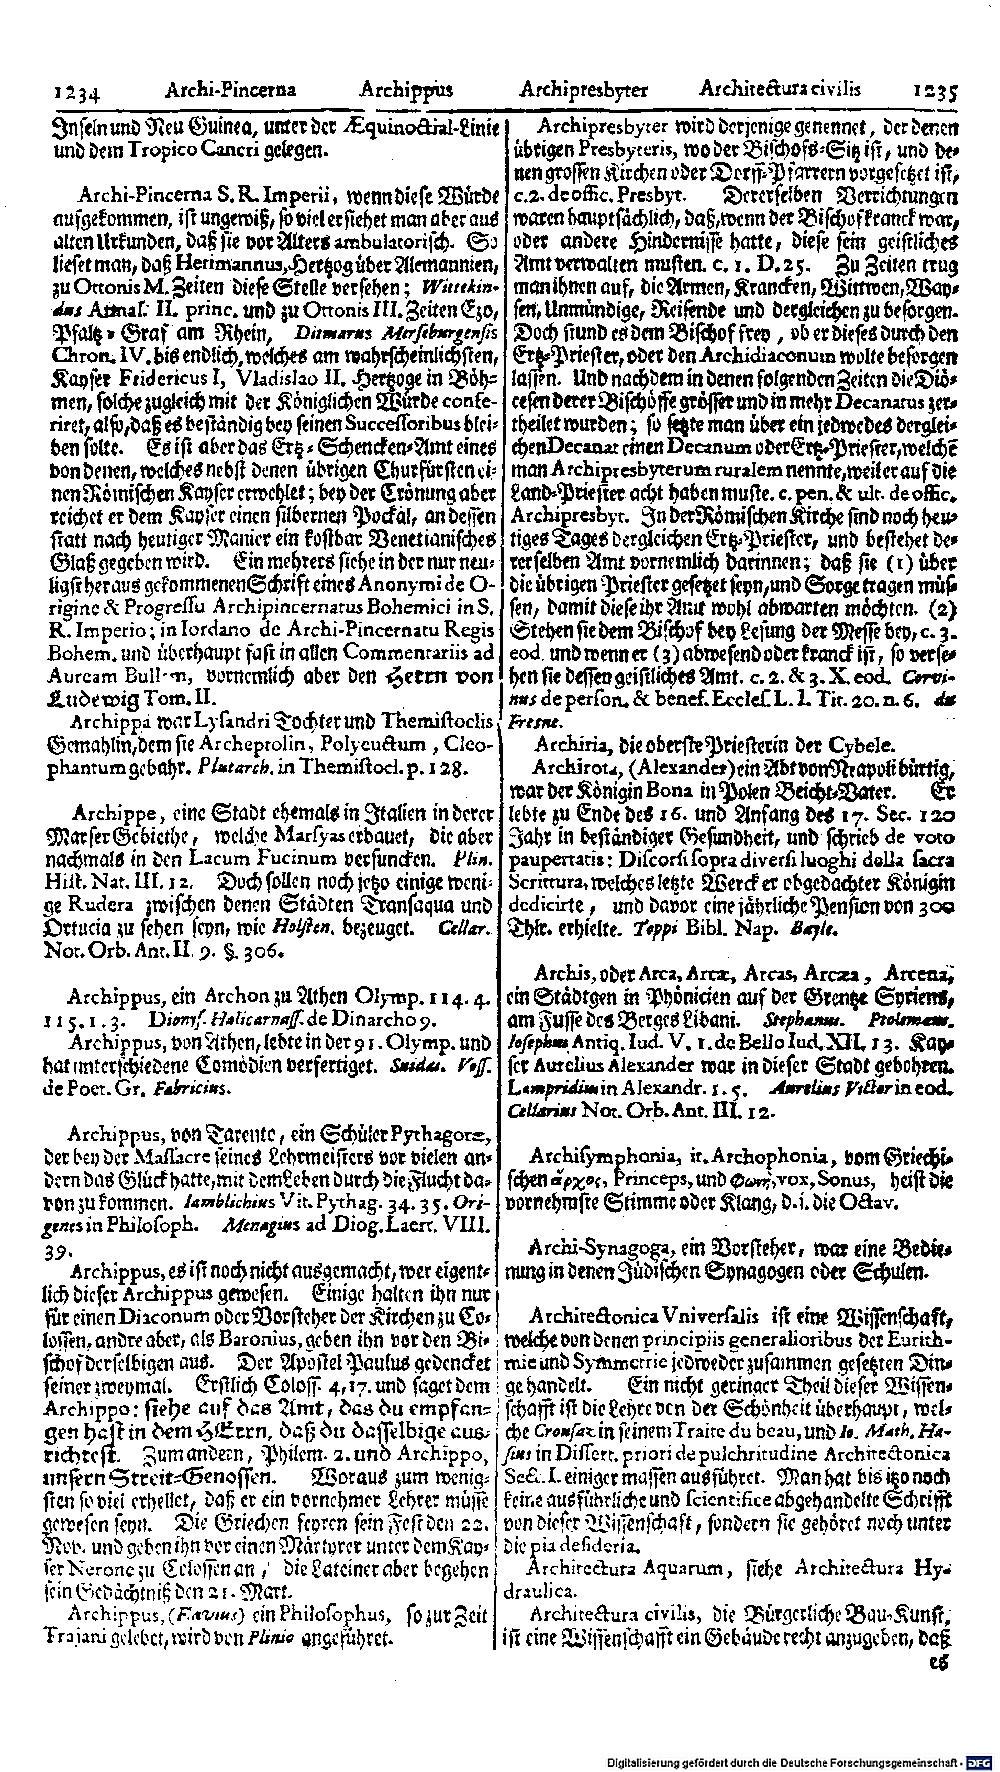 Bd. 02, Seite 0639.